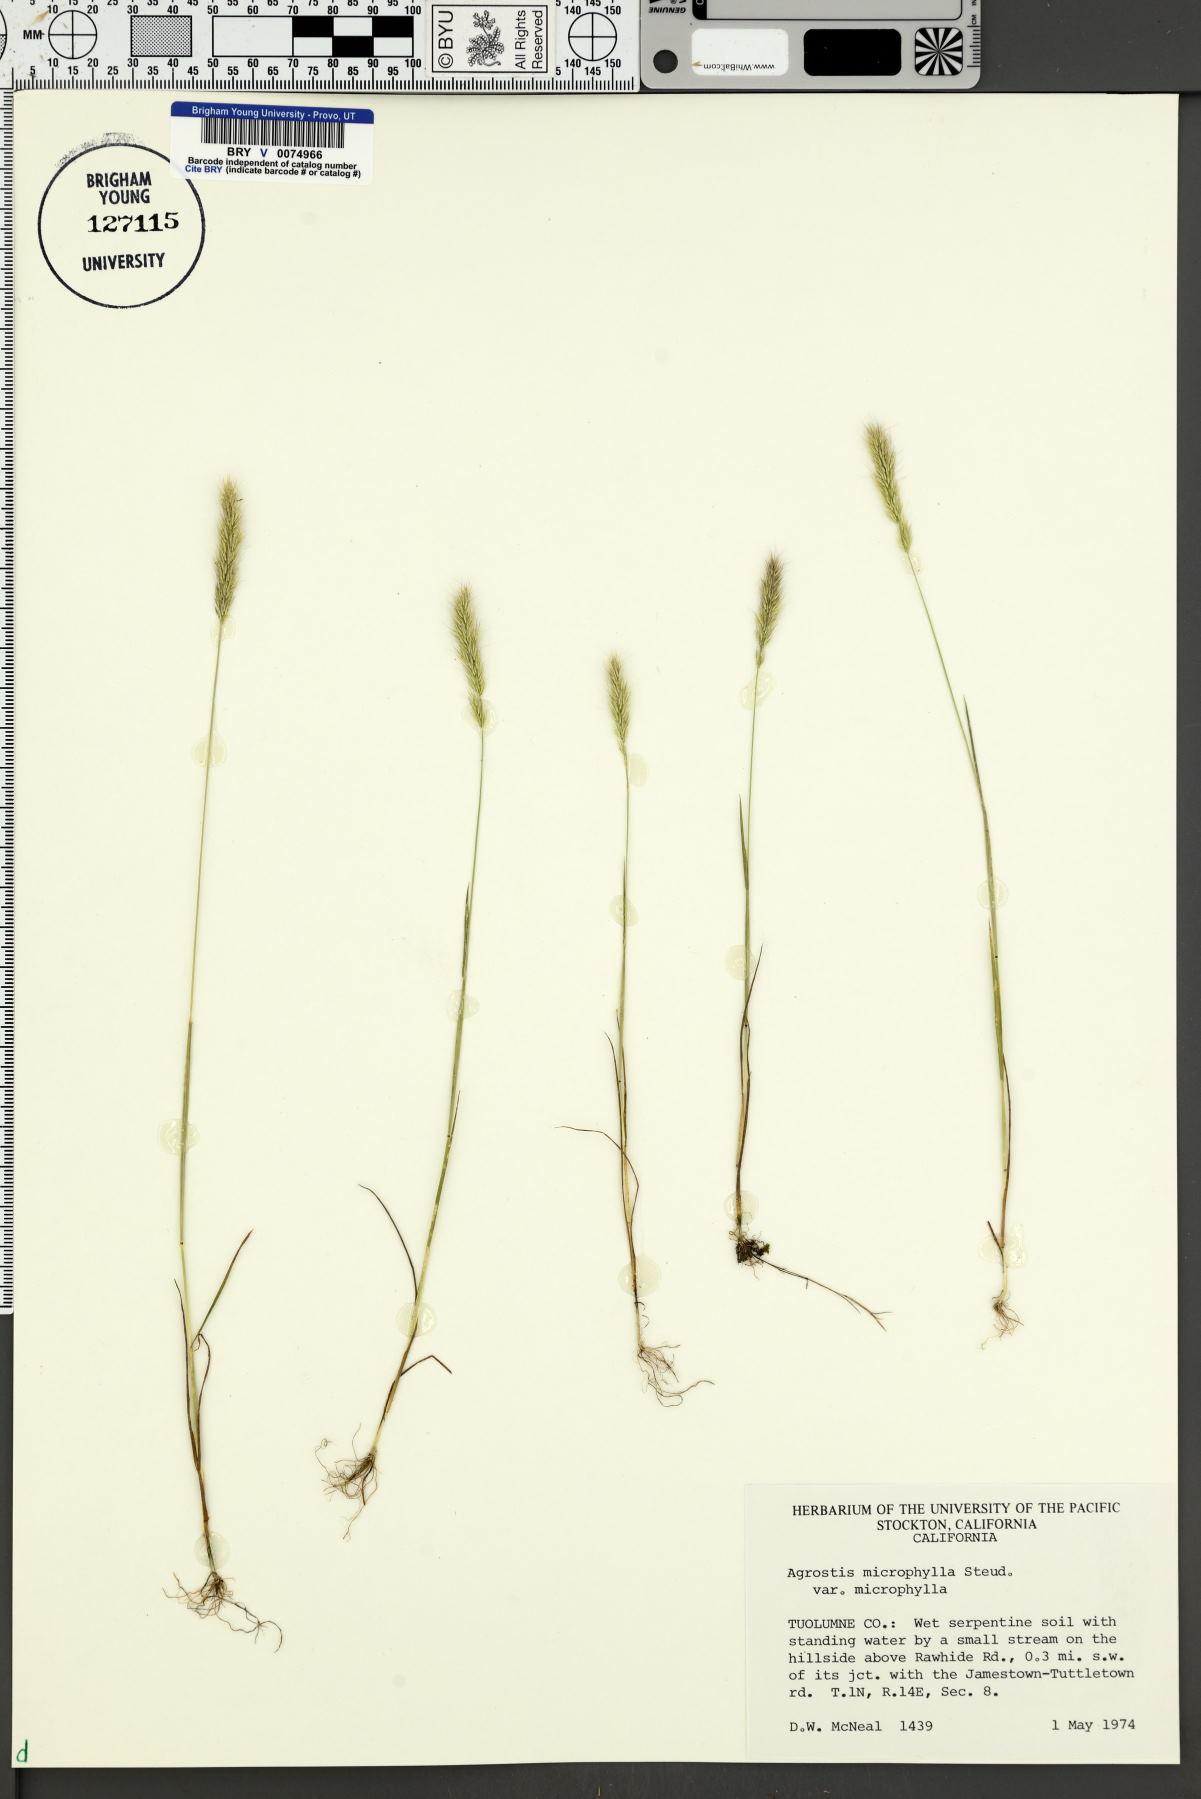 Agrostis microphylla var. microphylla image